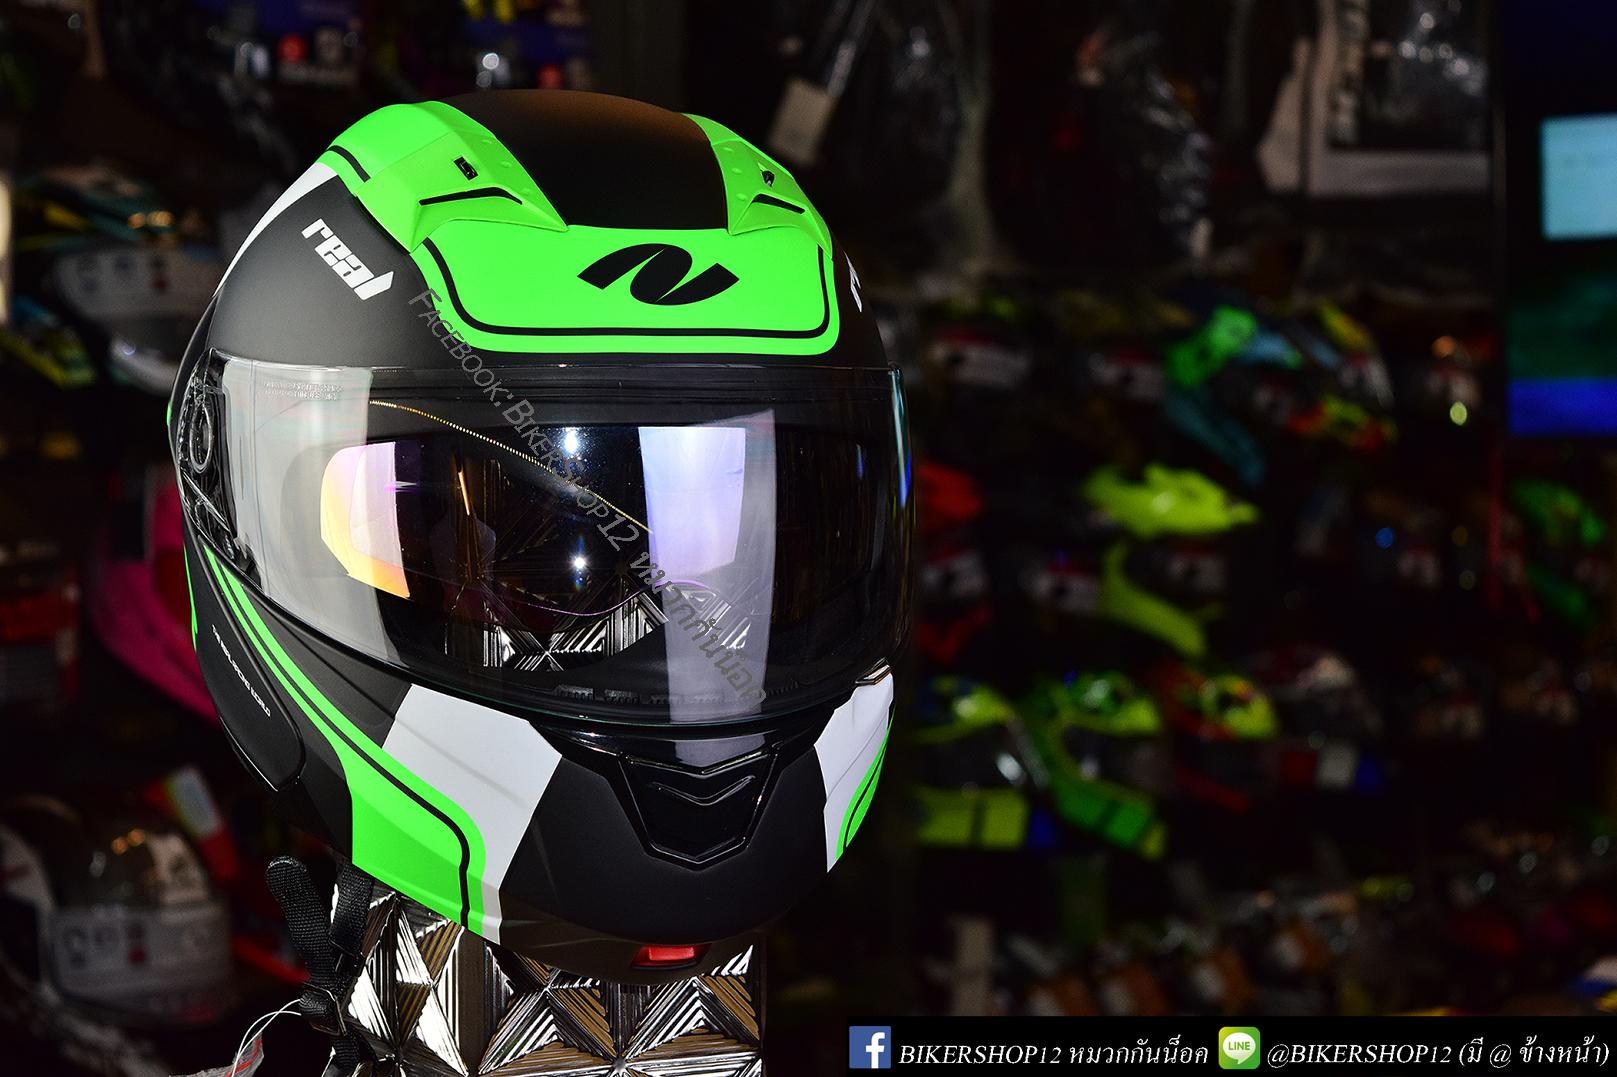 หมวกกันน็อคReal รุ่นCosmo R สีเขียว